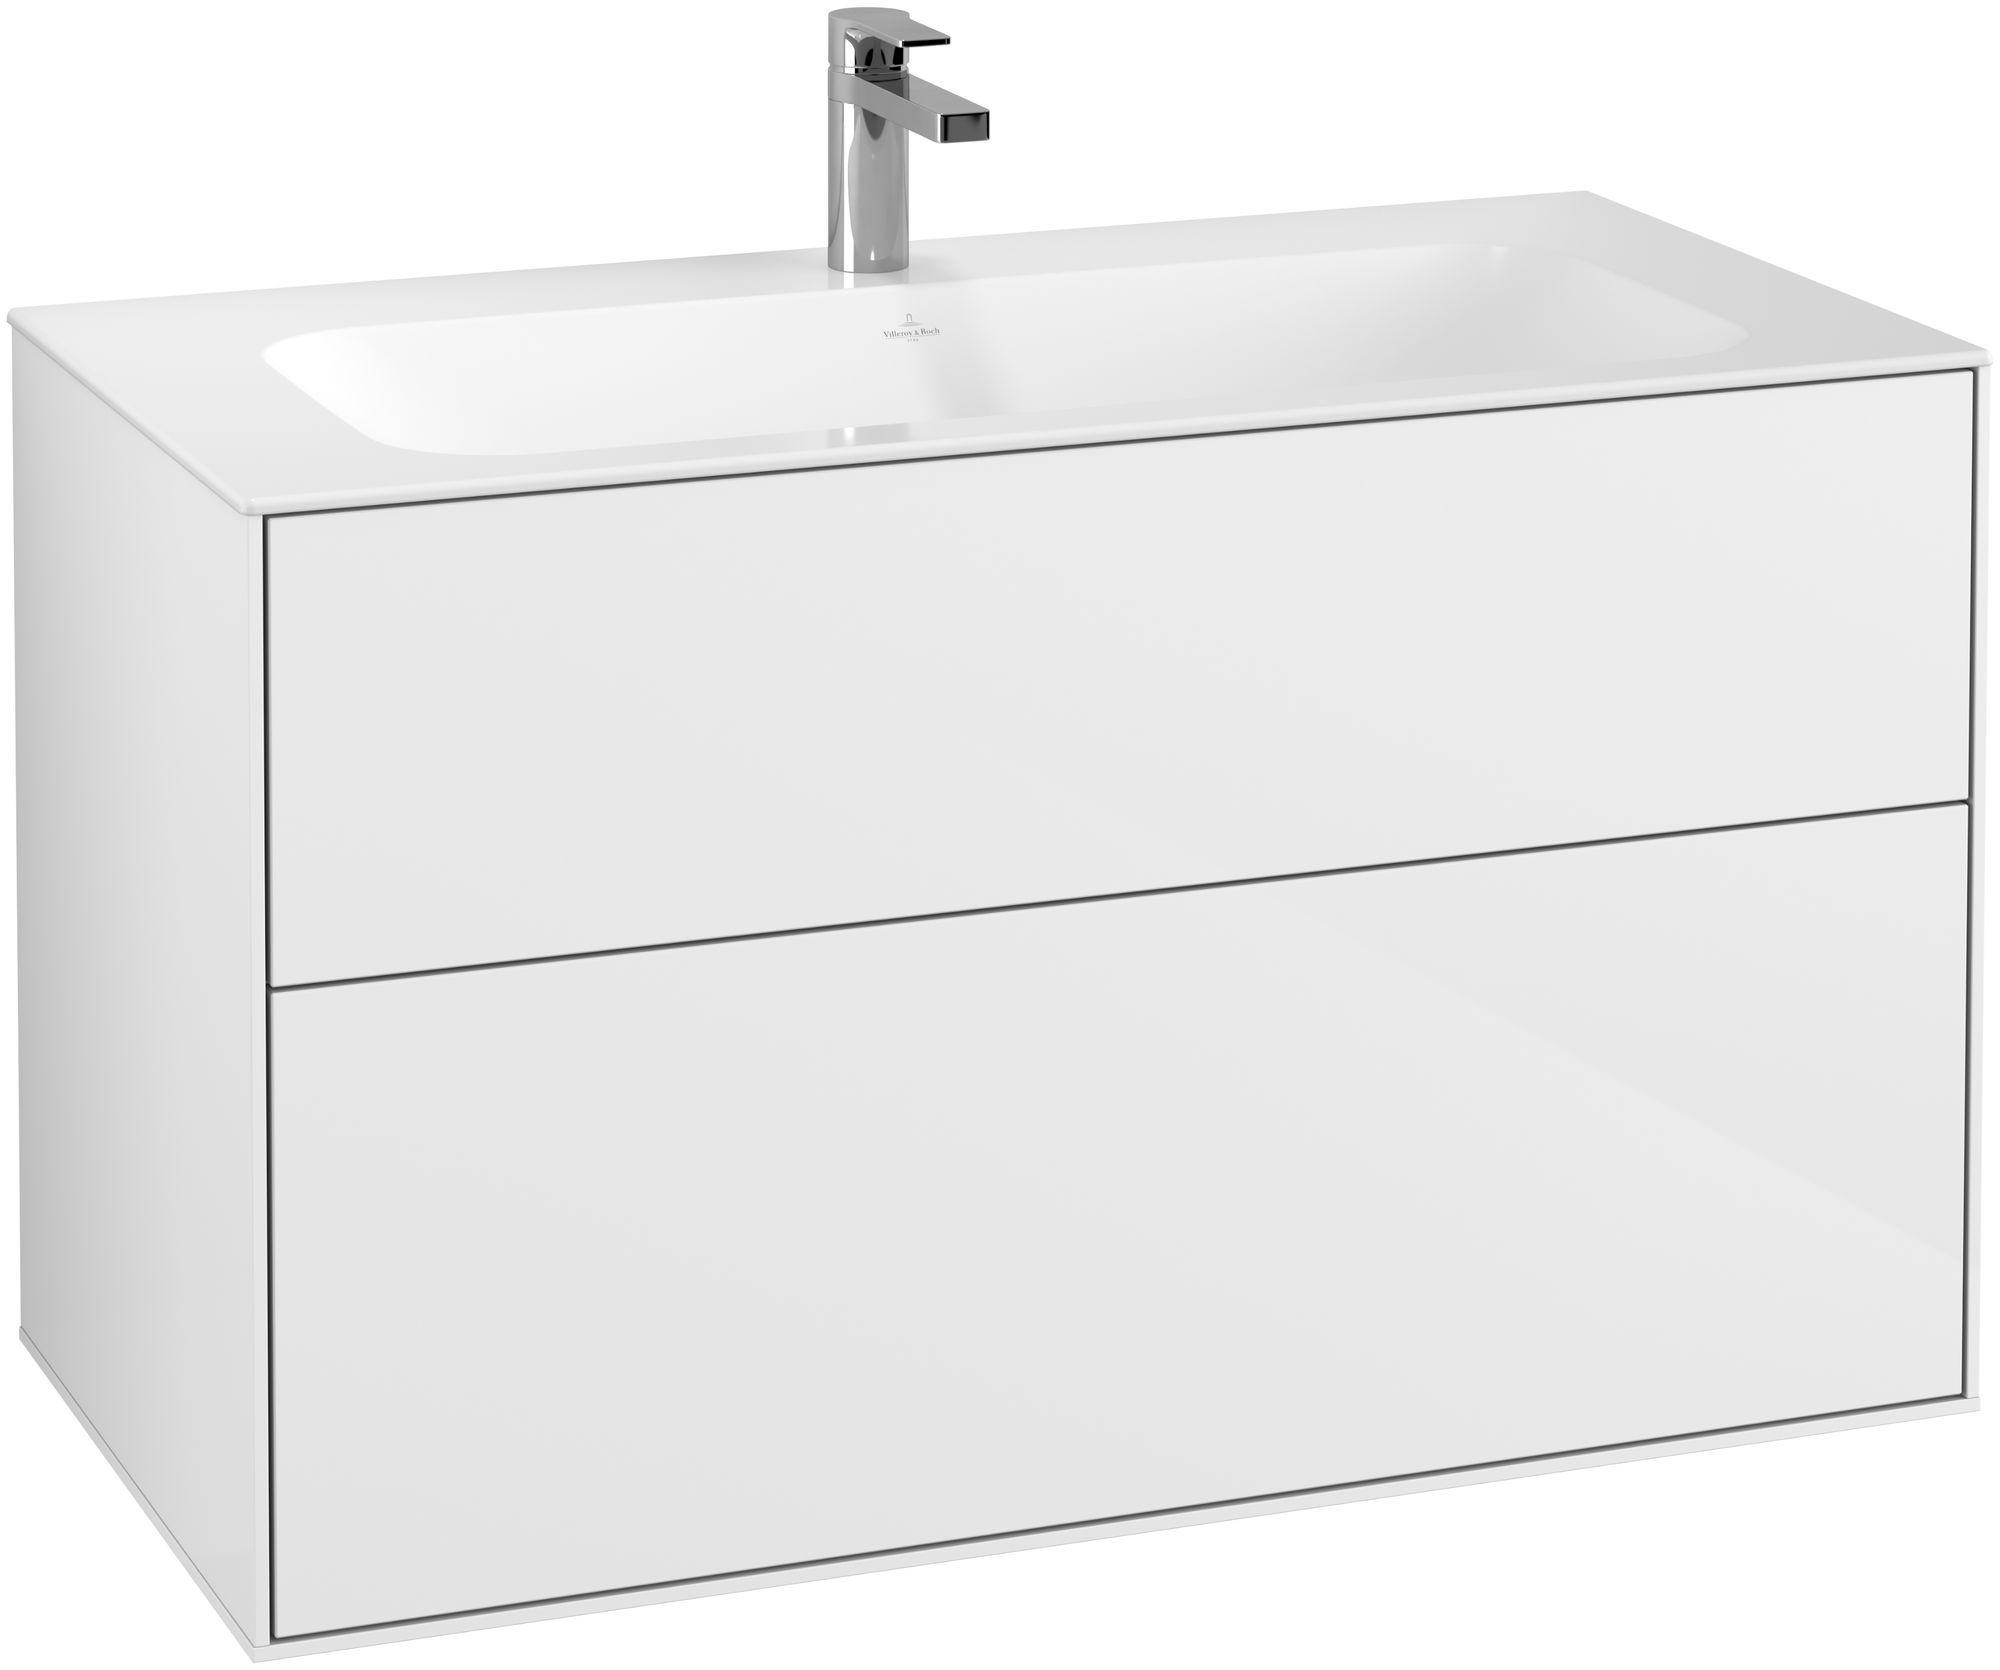 Villeroy & Boch Finion F02 Waschtischunterschrank 2 Auszüge B:99,6xH:59,1xT:49,8cm Front, Korpus: Glossy White Lack F02000GF